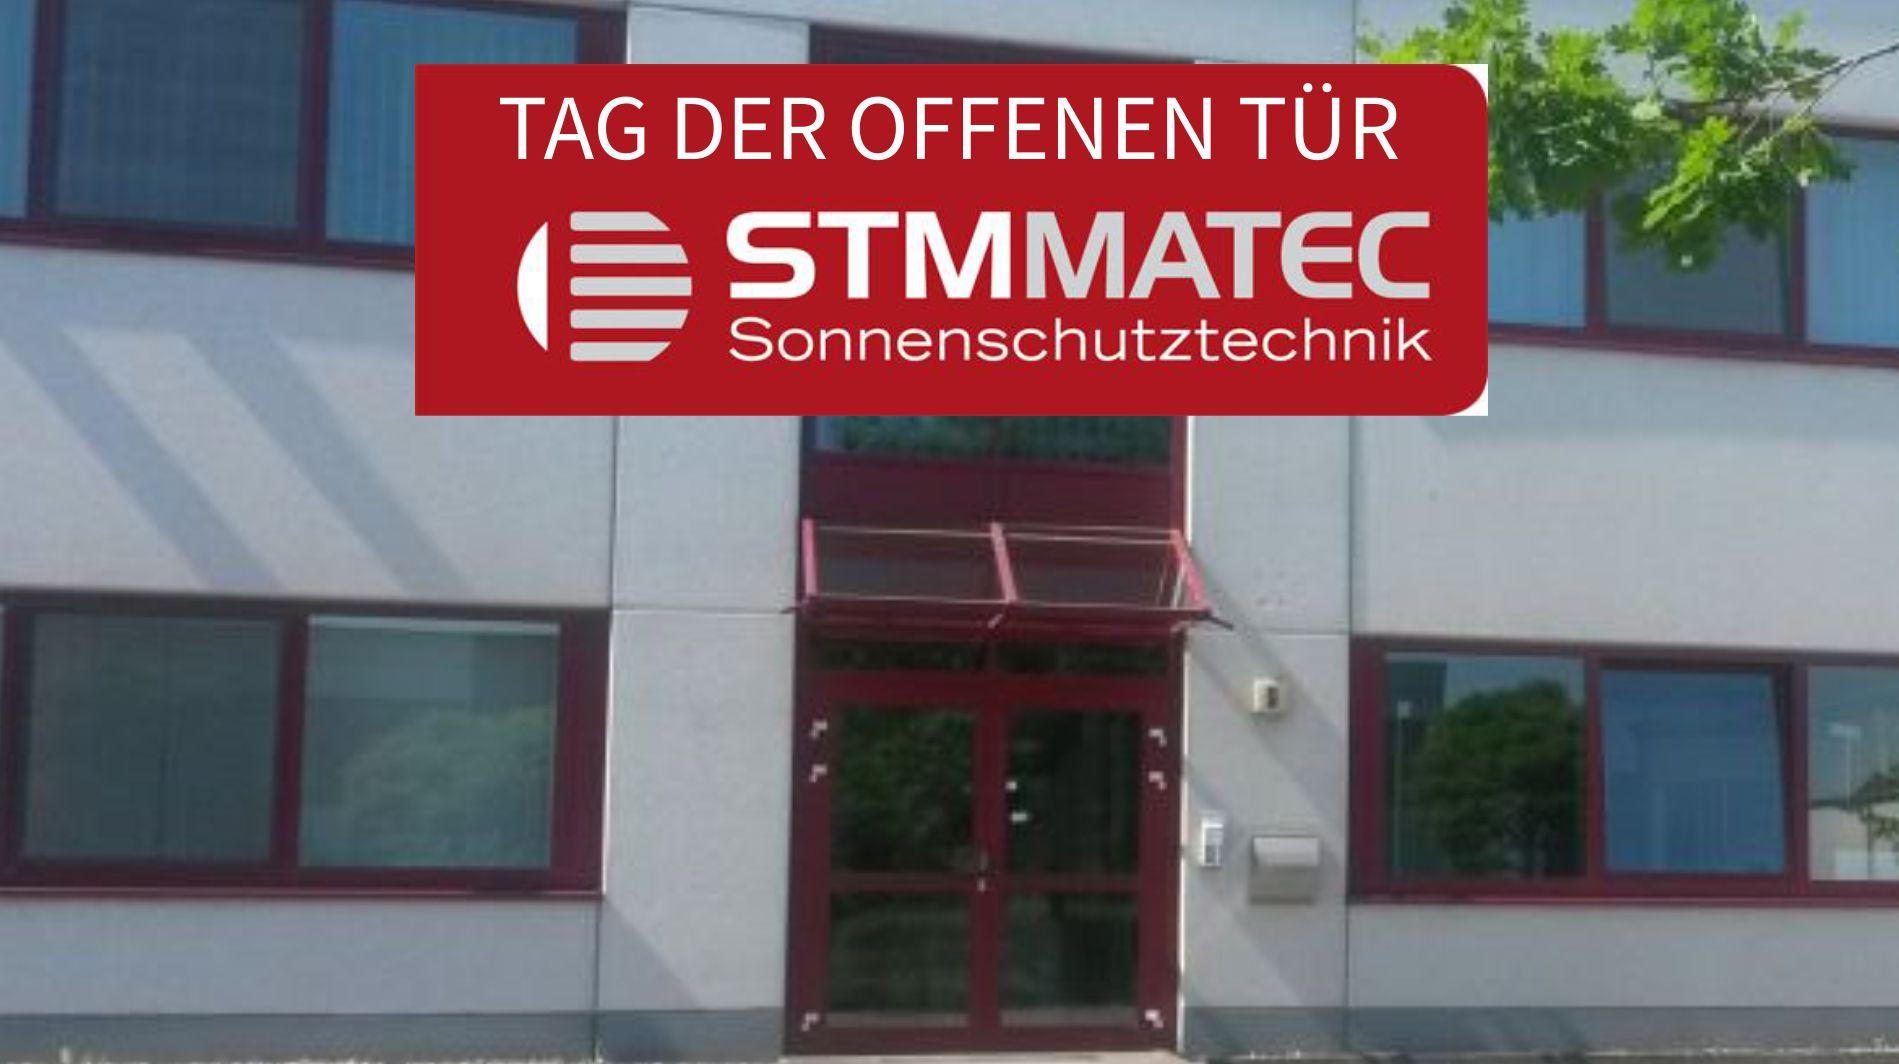 STM-Tag-der-offenen-Tuer-Vorlage Home